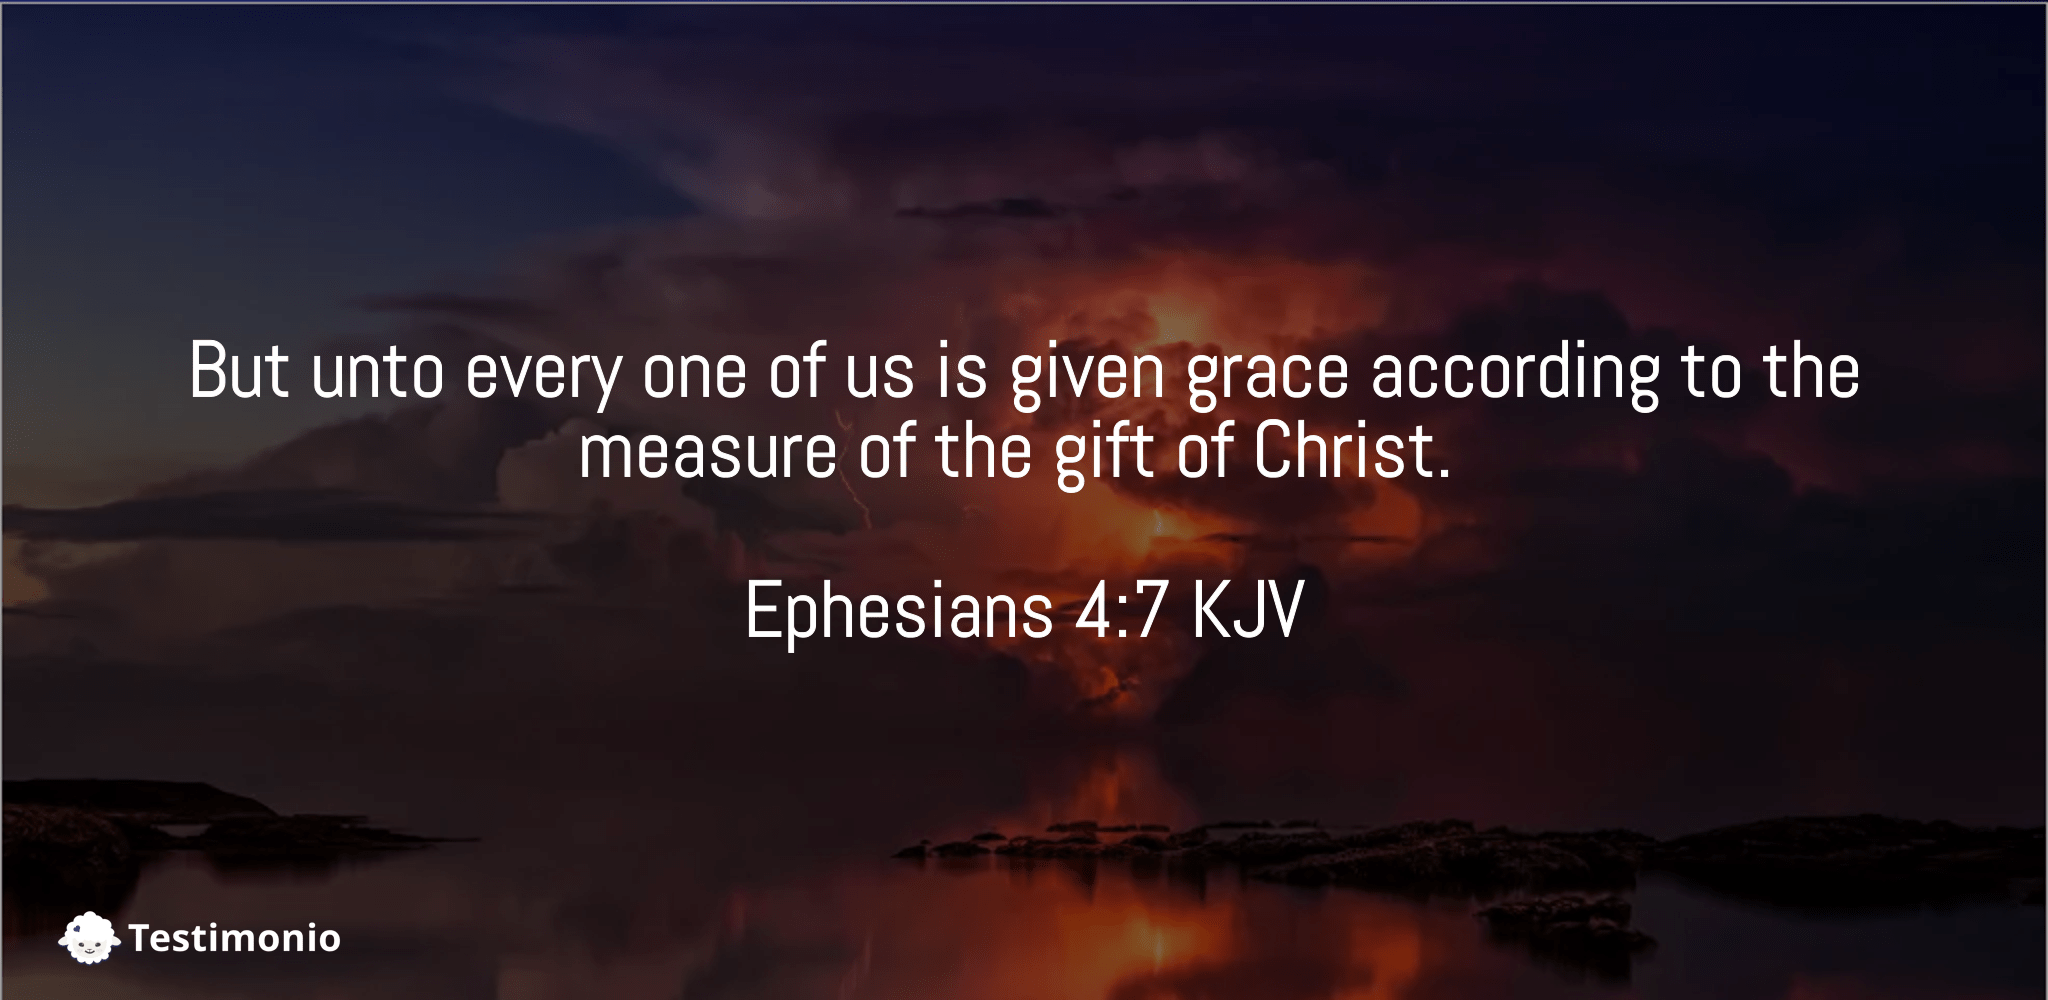 Ephesians 4:7